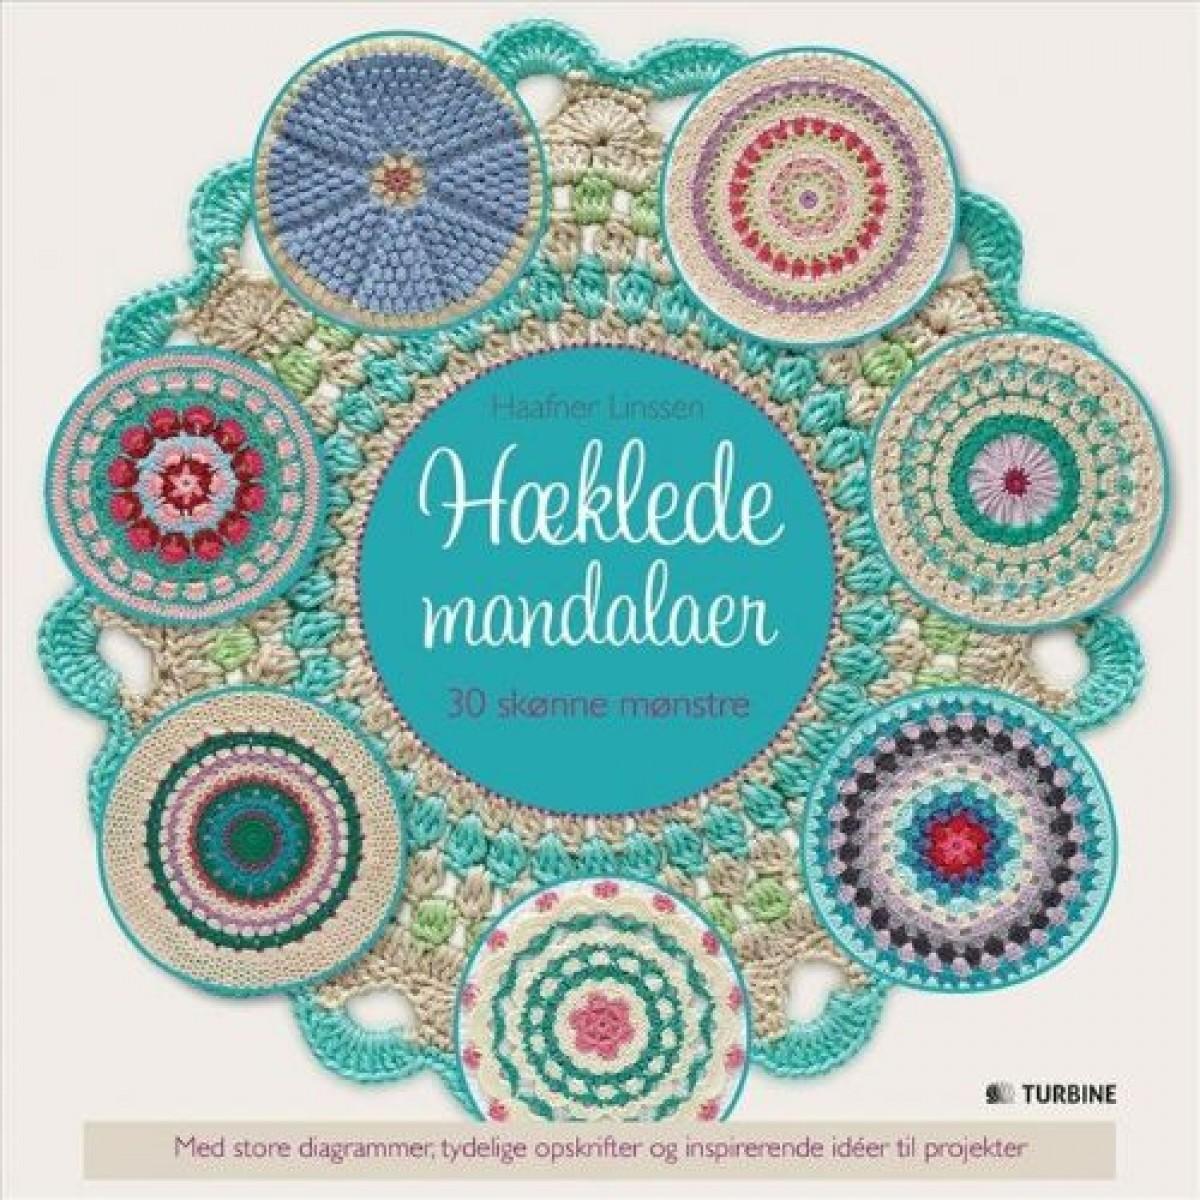 Hæklede Mandalaer-31